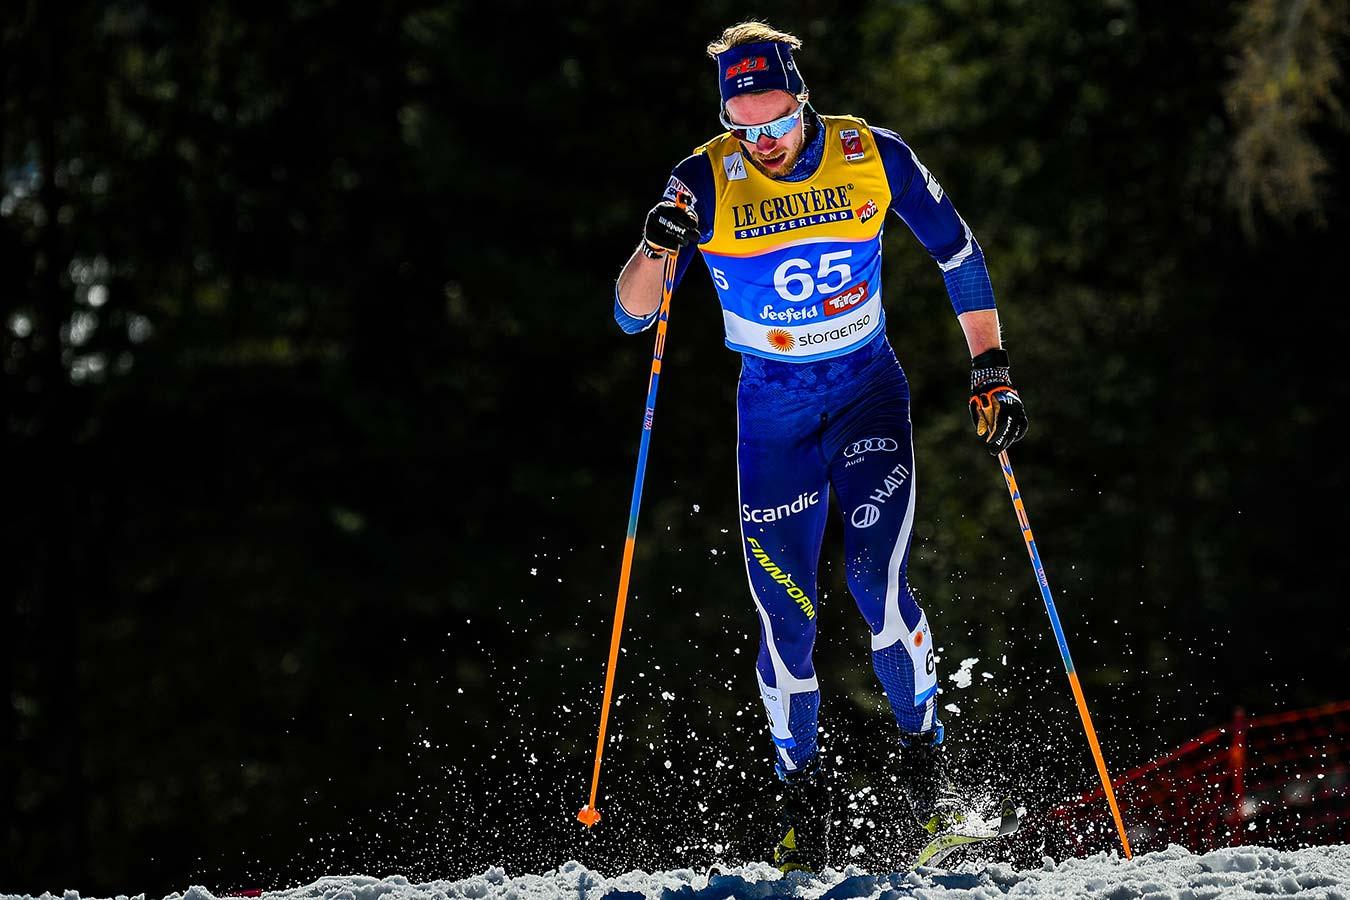 Финский лыжник Мяки отреагировал на грубое слово Губерниева в адрес его отца